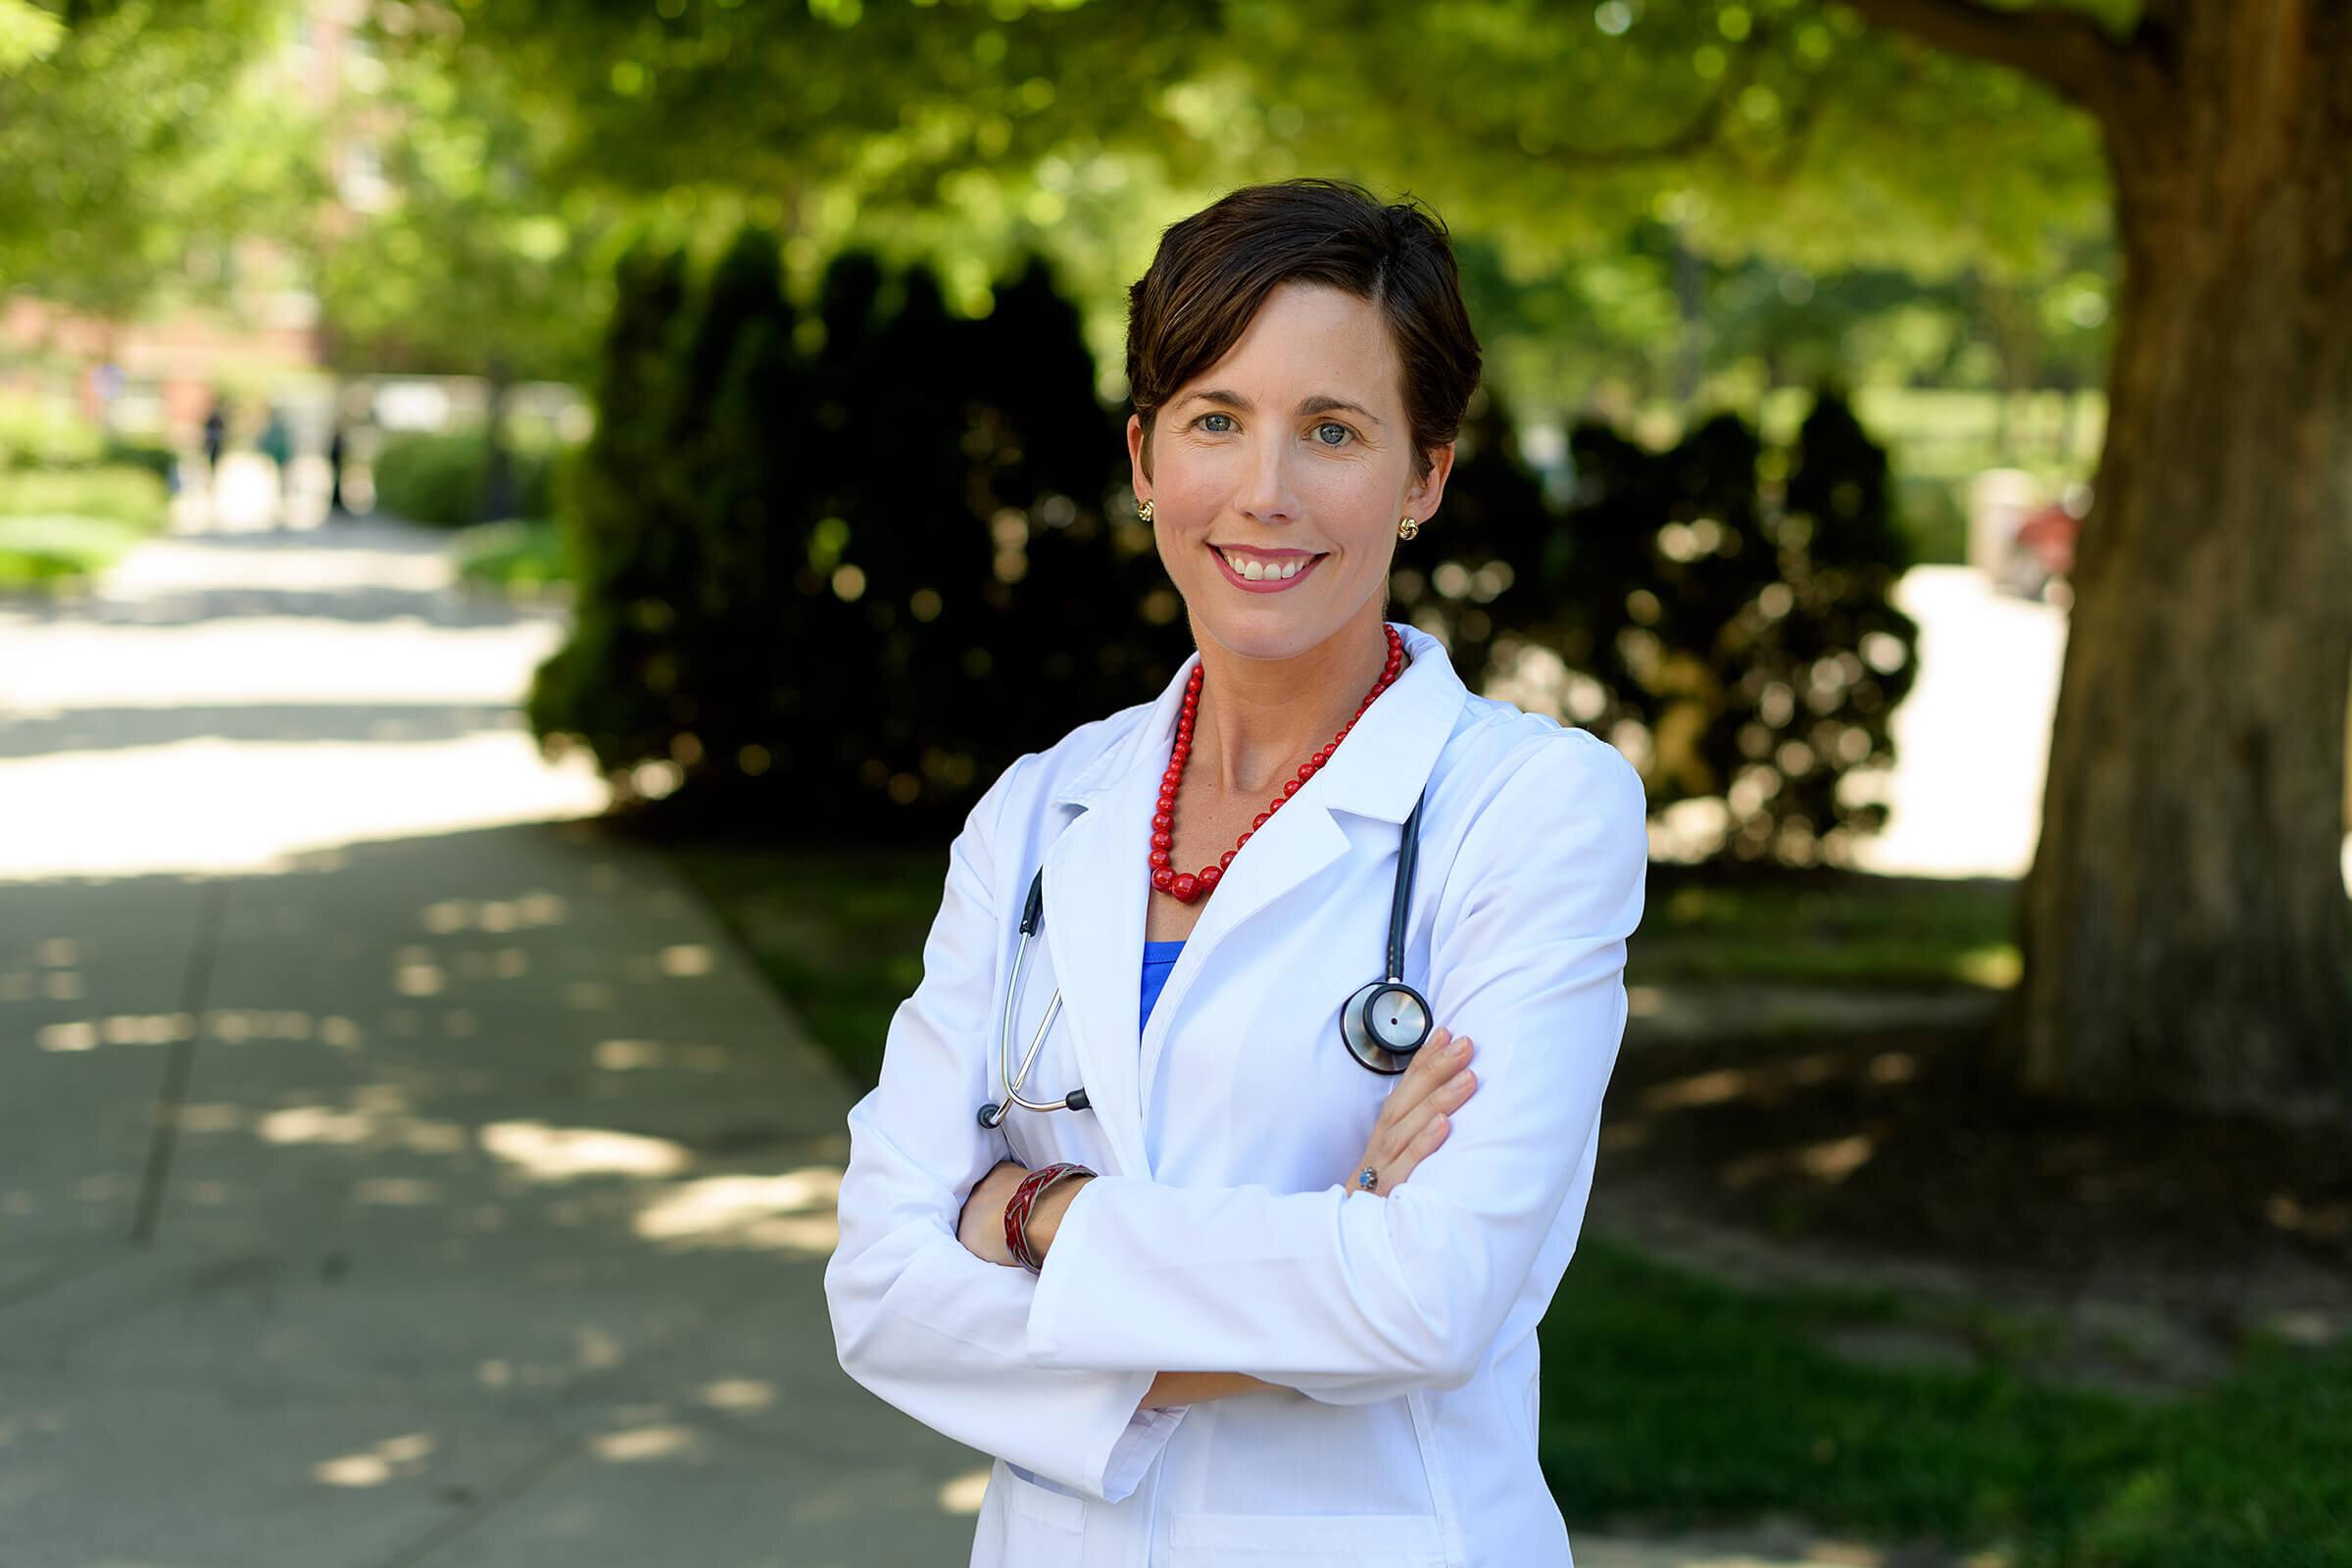 Schwangere Frauen und Personen mit chronischen Erkrankungen sollten eine Grippeschutzimpfung jetzt